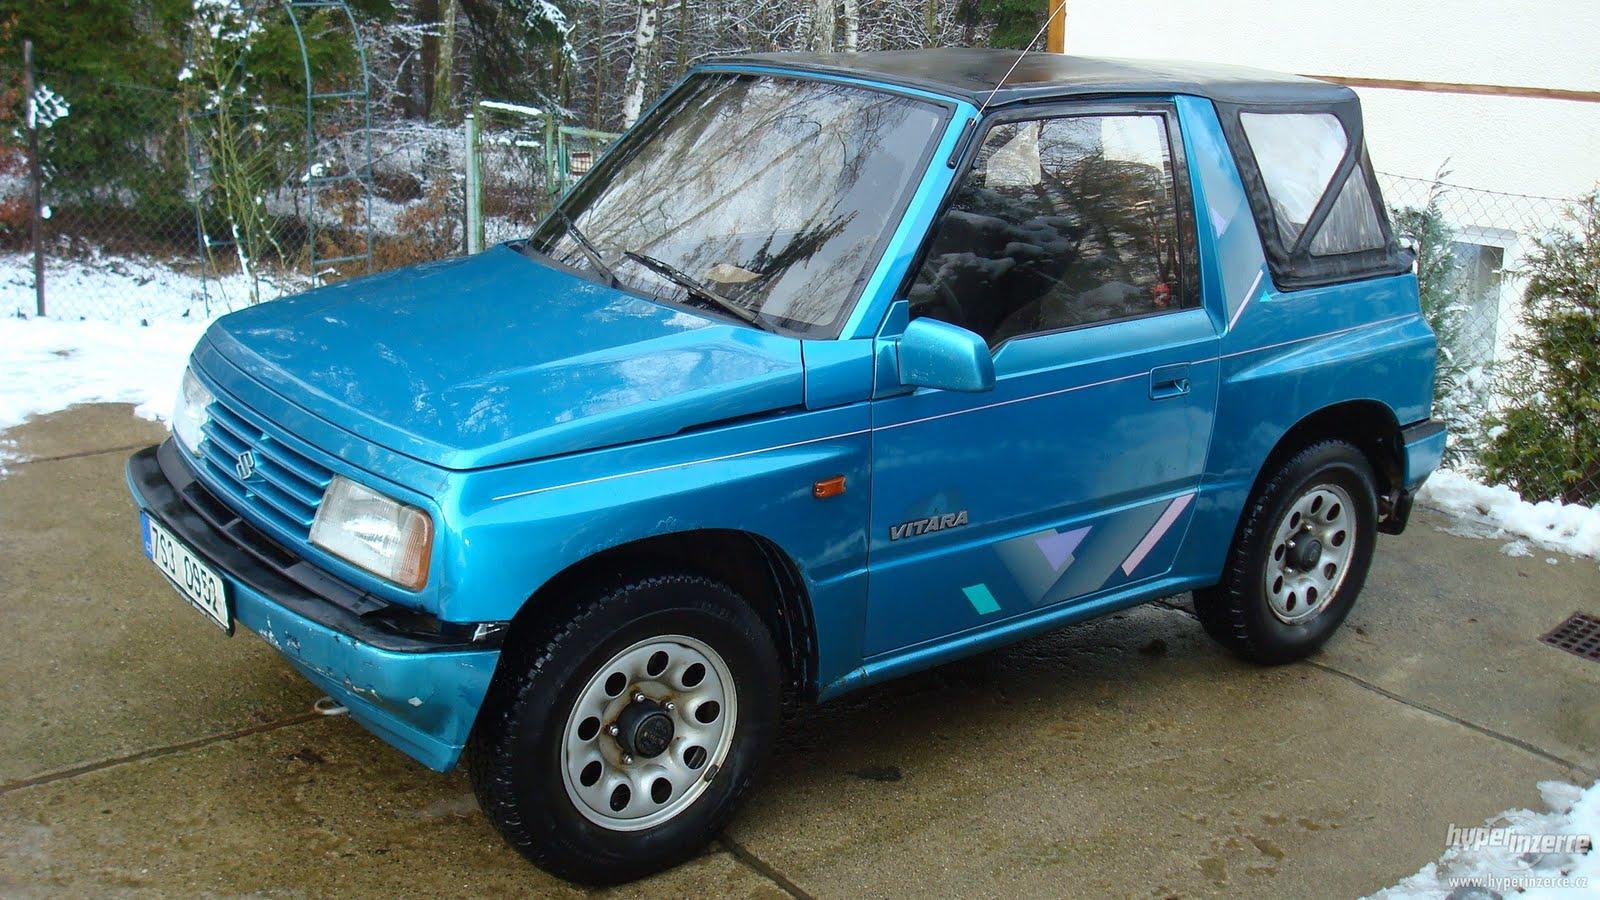 suzuki vitara car |Classic Cars